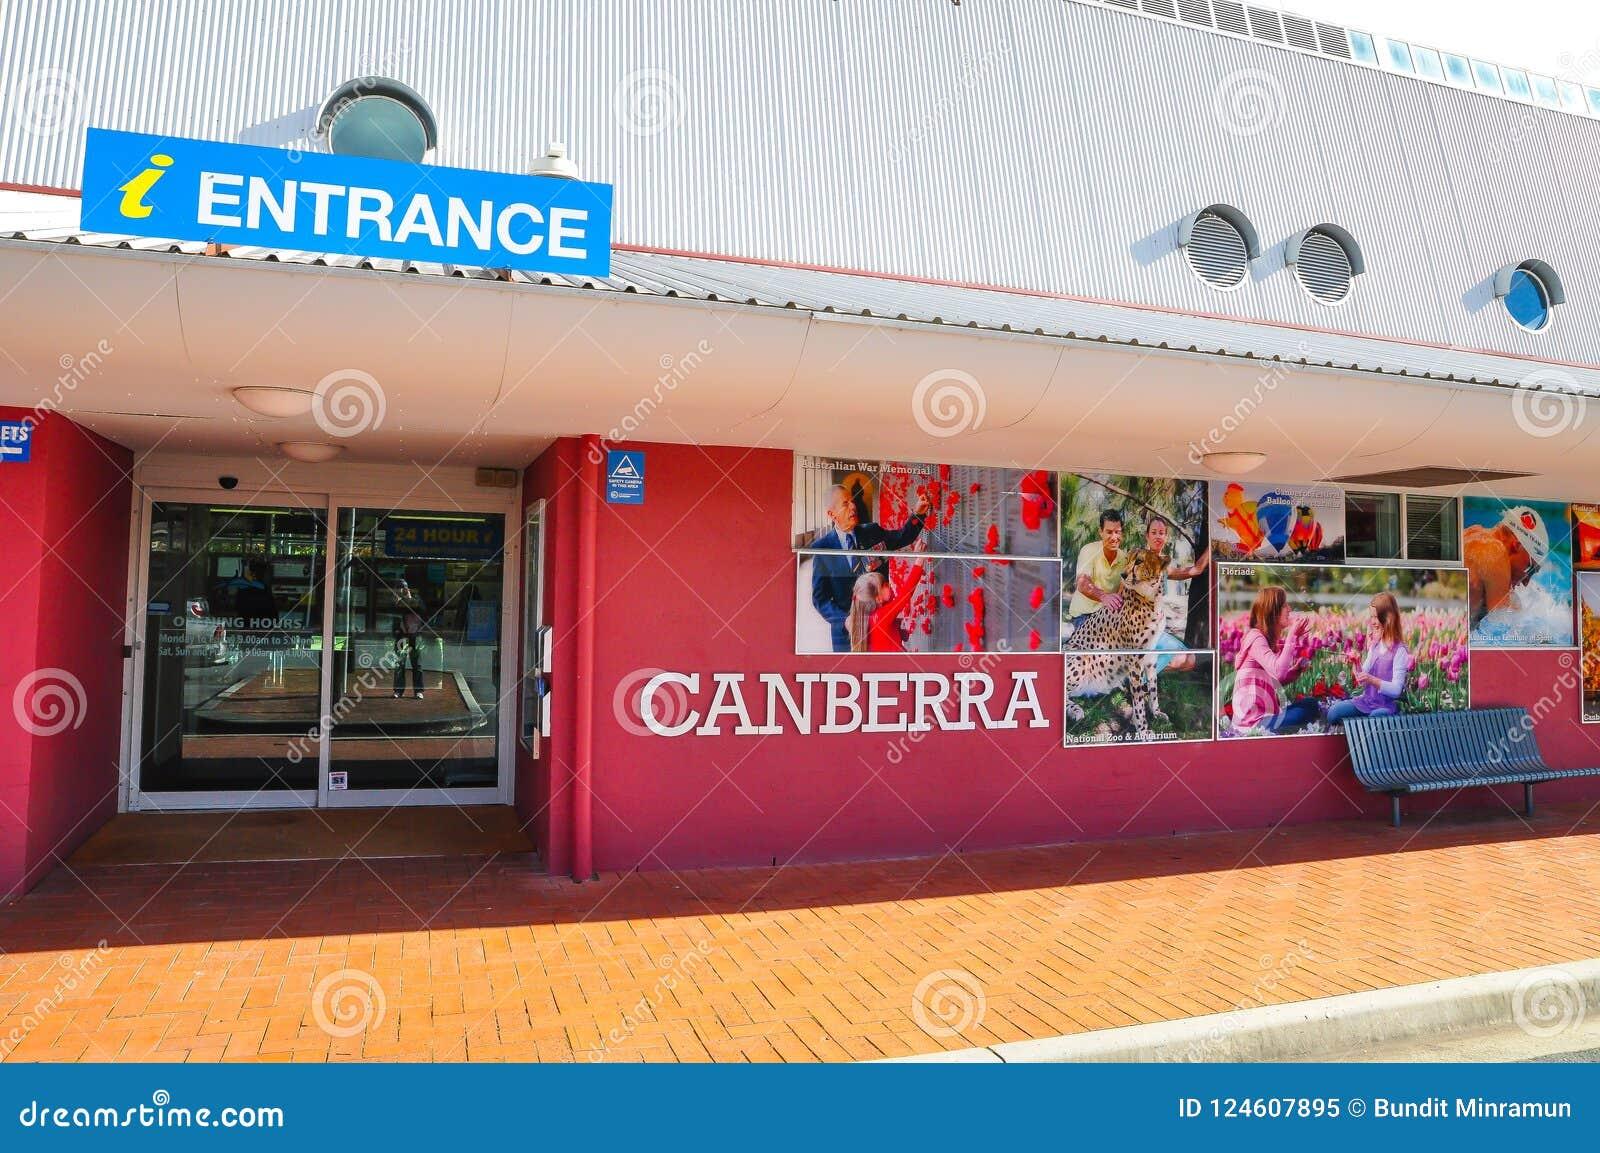 Η είσοδος του κέντρου πληροφόρησης τουριστών της Καμπέρρα